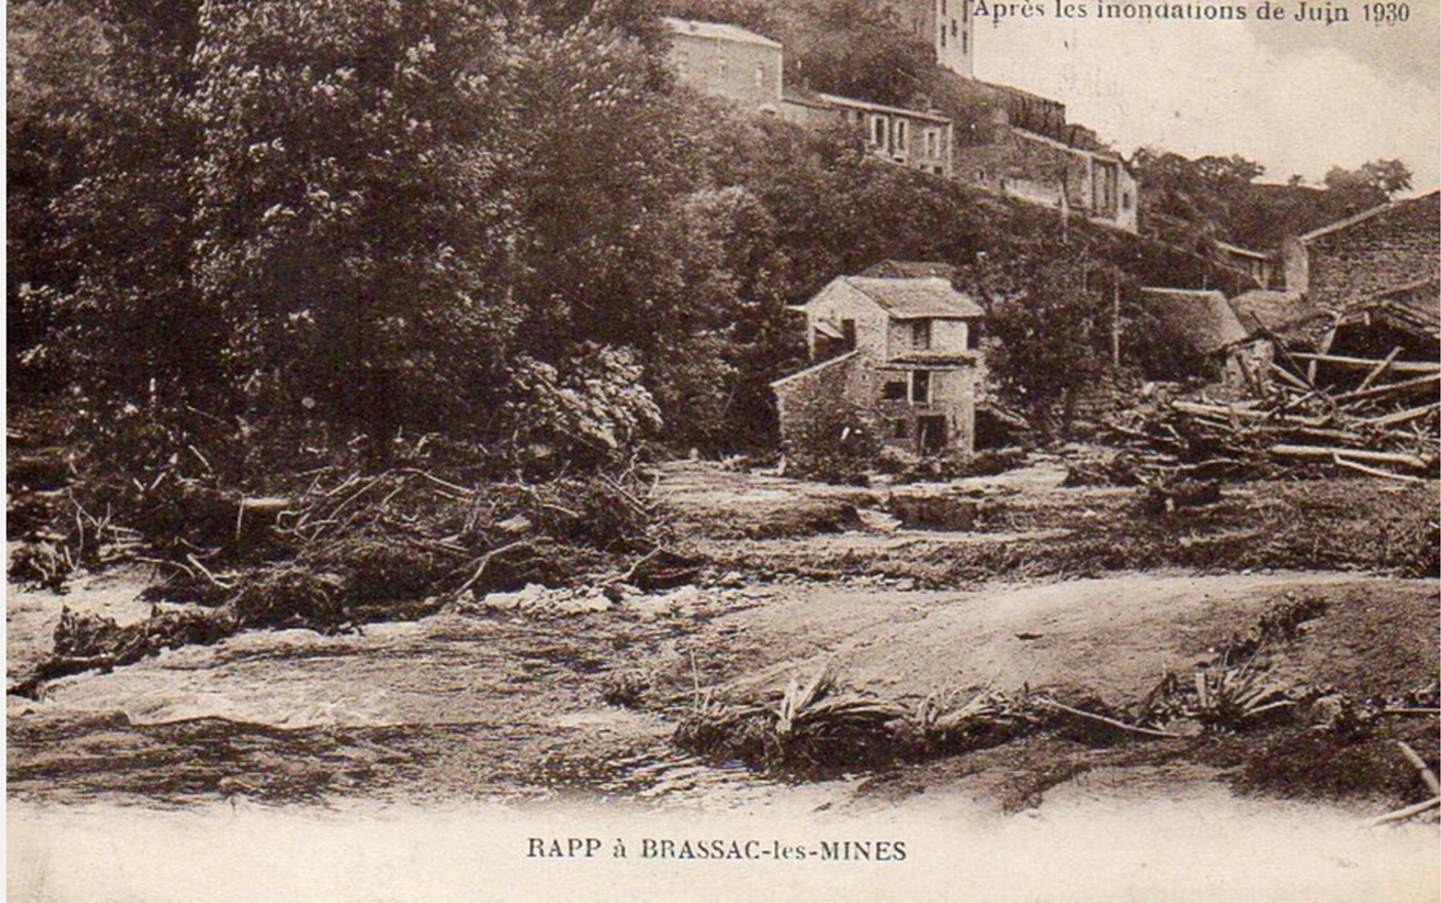 Trombe d'eau à Auzon le 16 Juin 1930